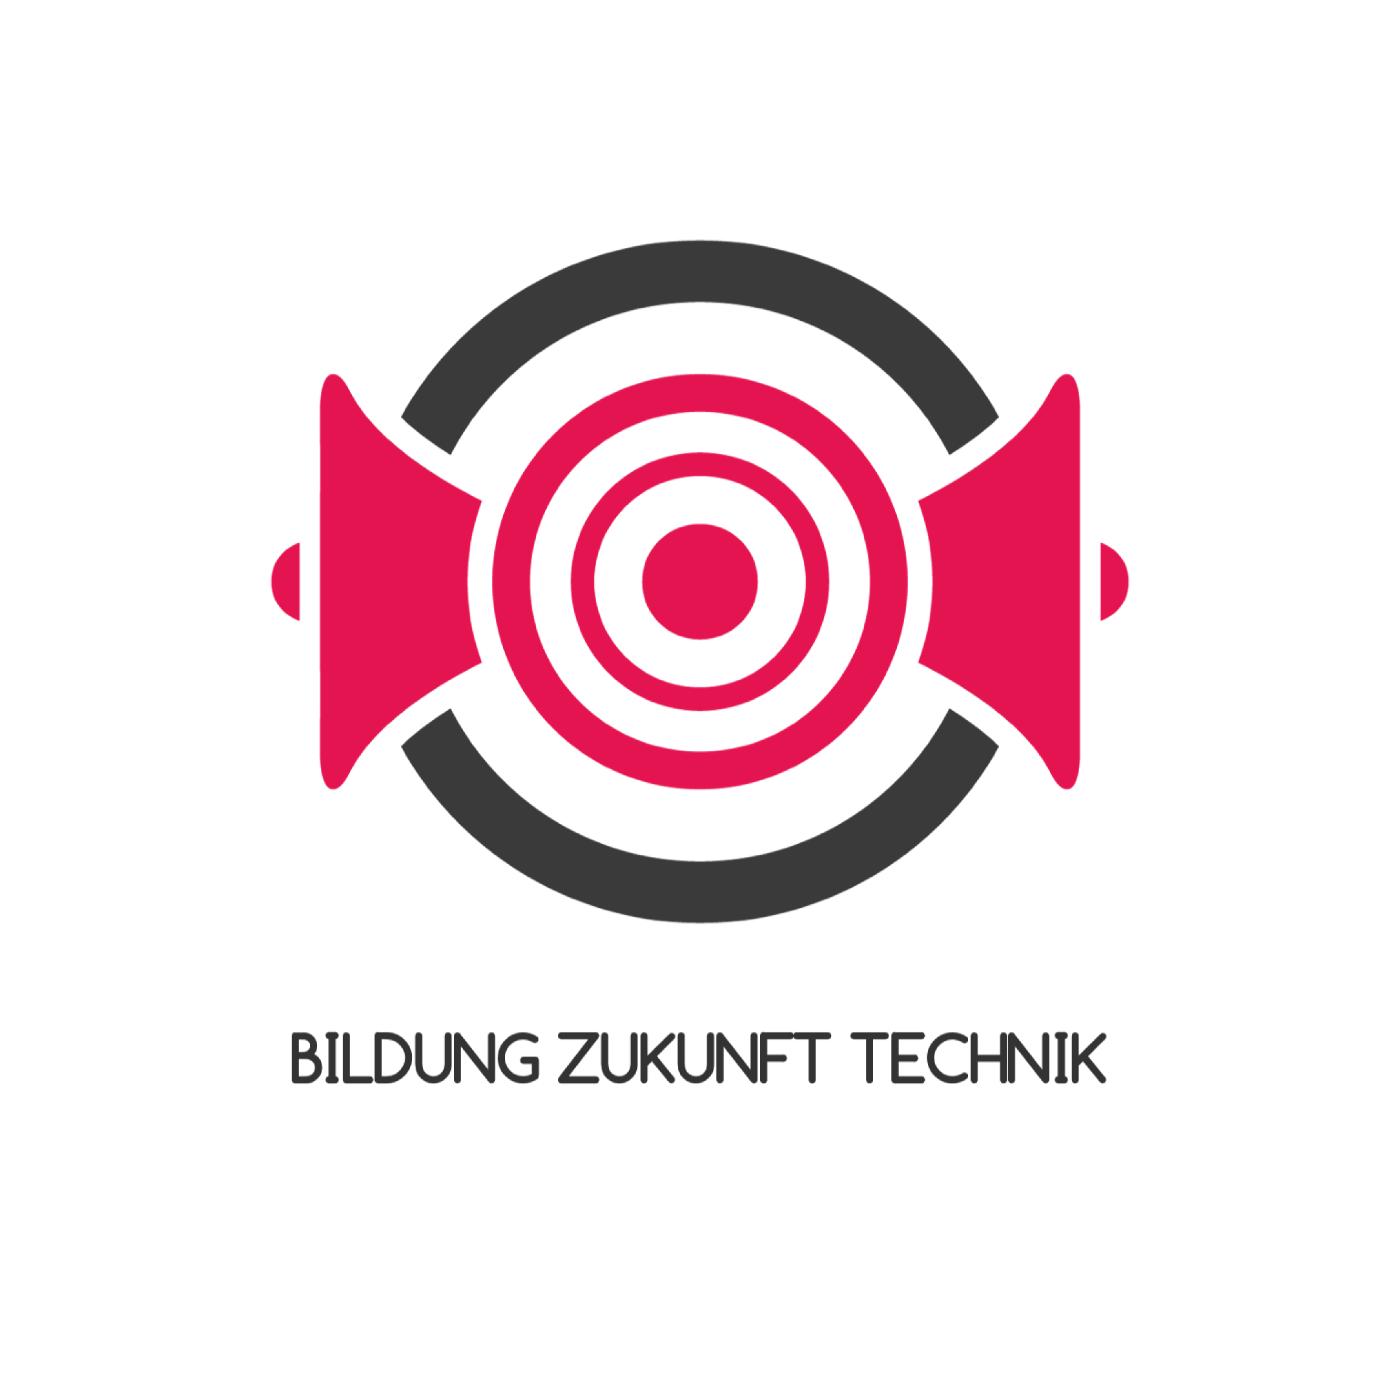 Bildung - Zukunft - Technik (BZT)